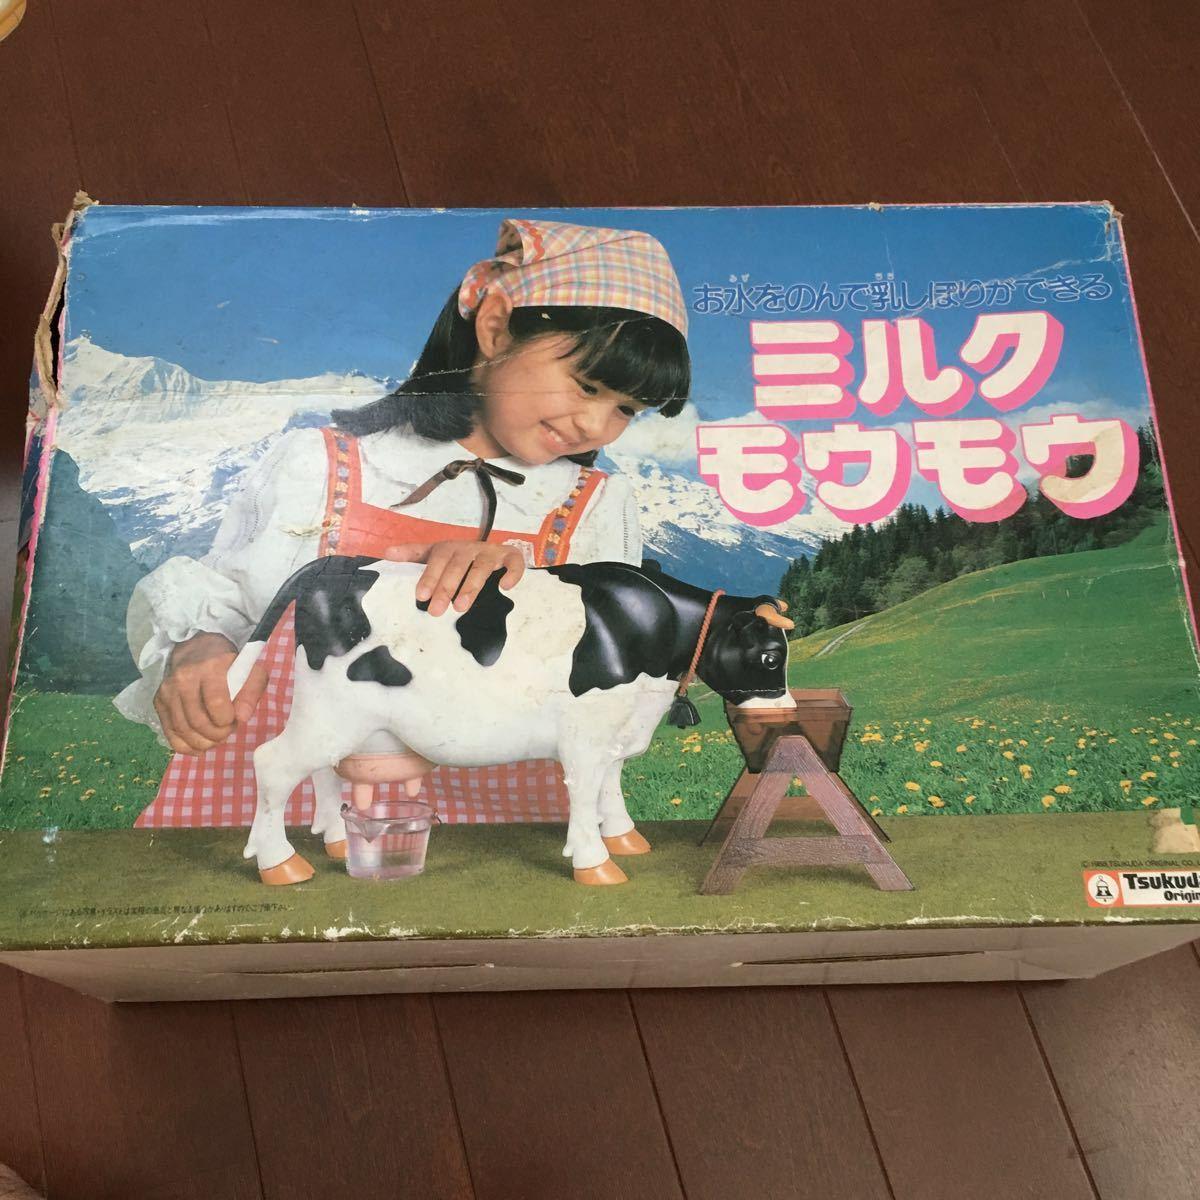 入手困難!ミルクモウモウ ツクダオリジナル 昭和レトロ ビンテージ玩具 MILK MOUMOU 知育玩具 牛 フィギュア ホルスタイン乳牛 搾乳_画像3